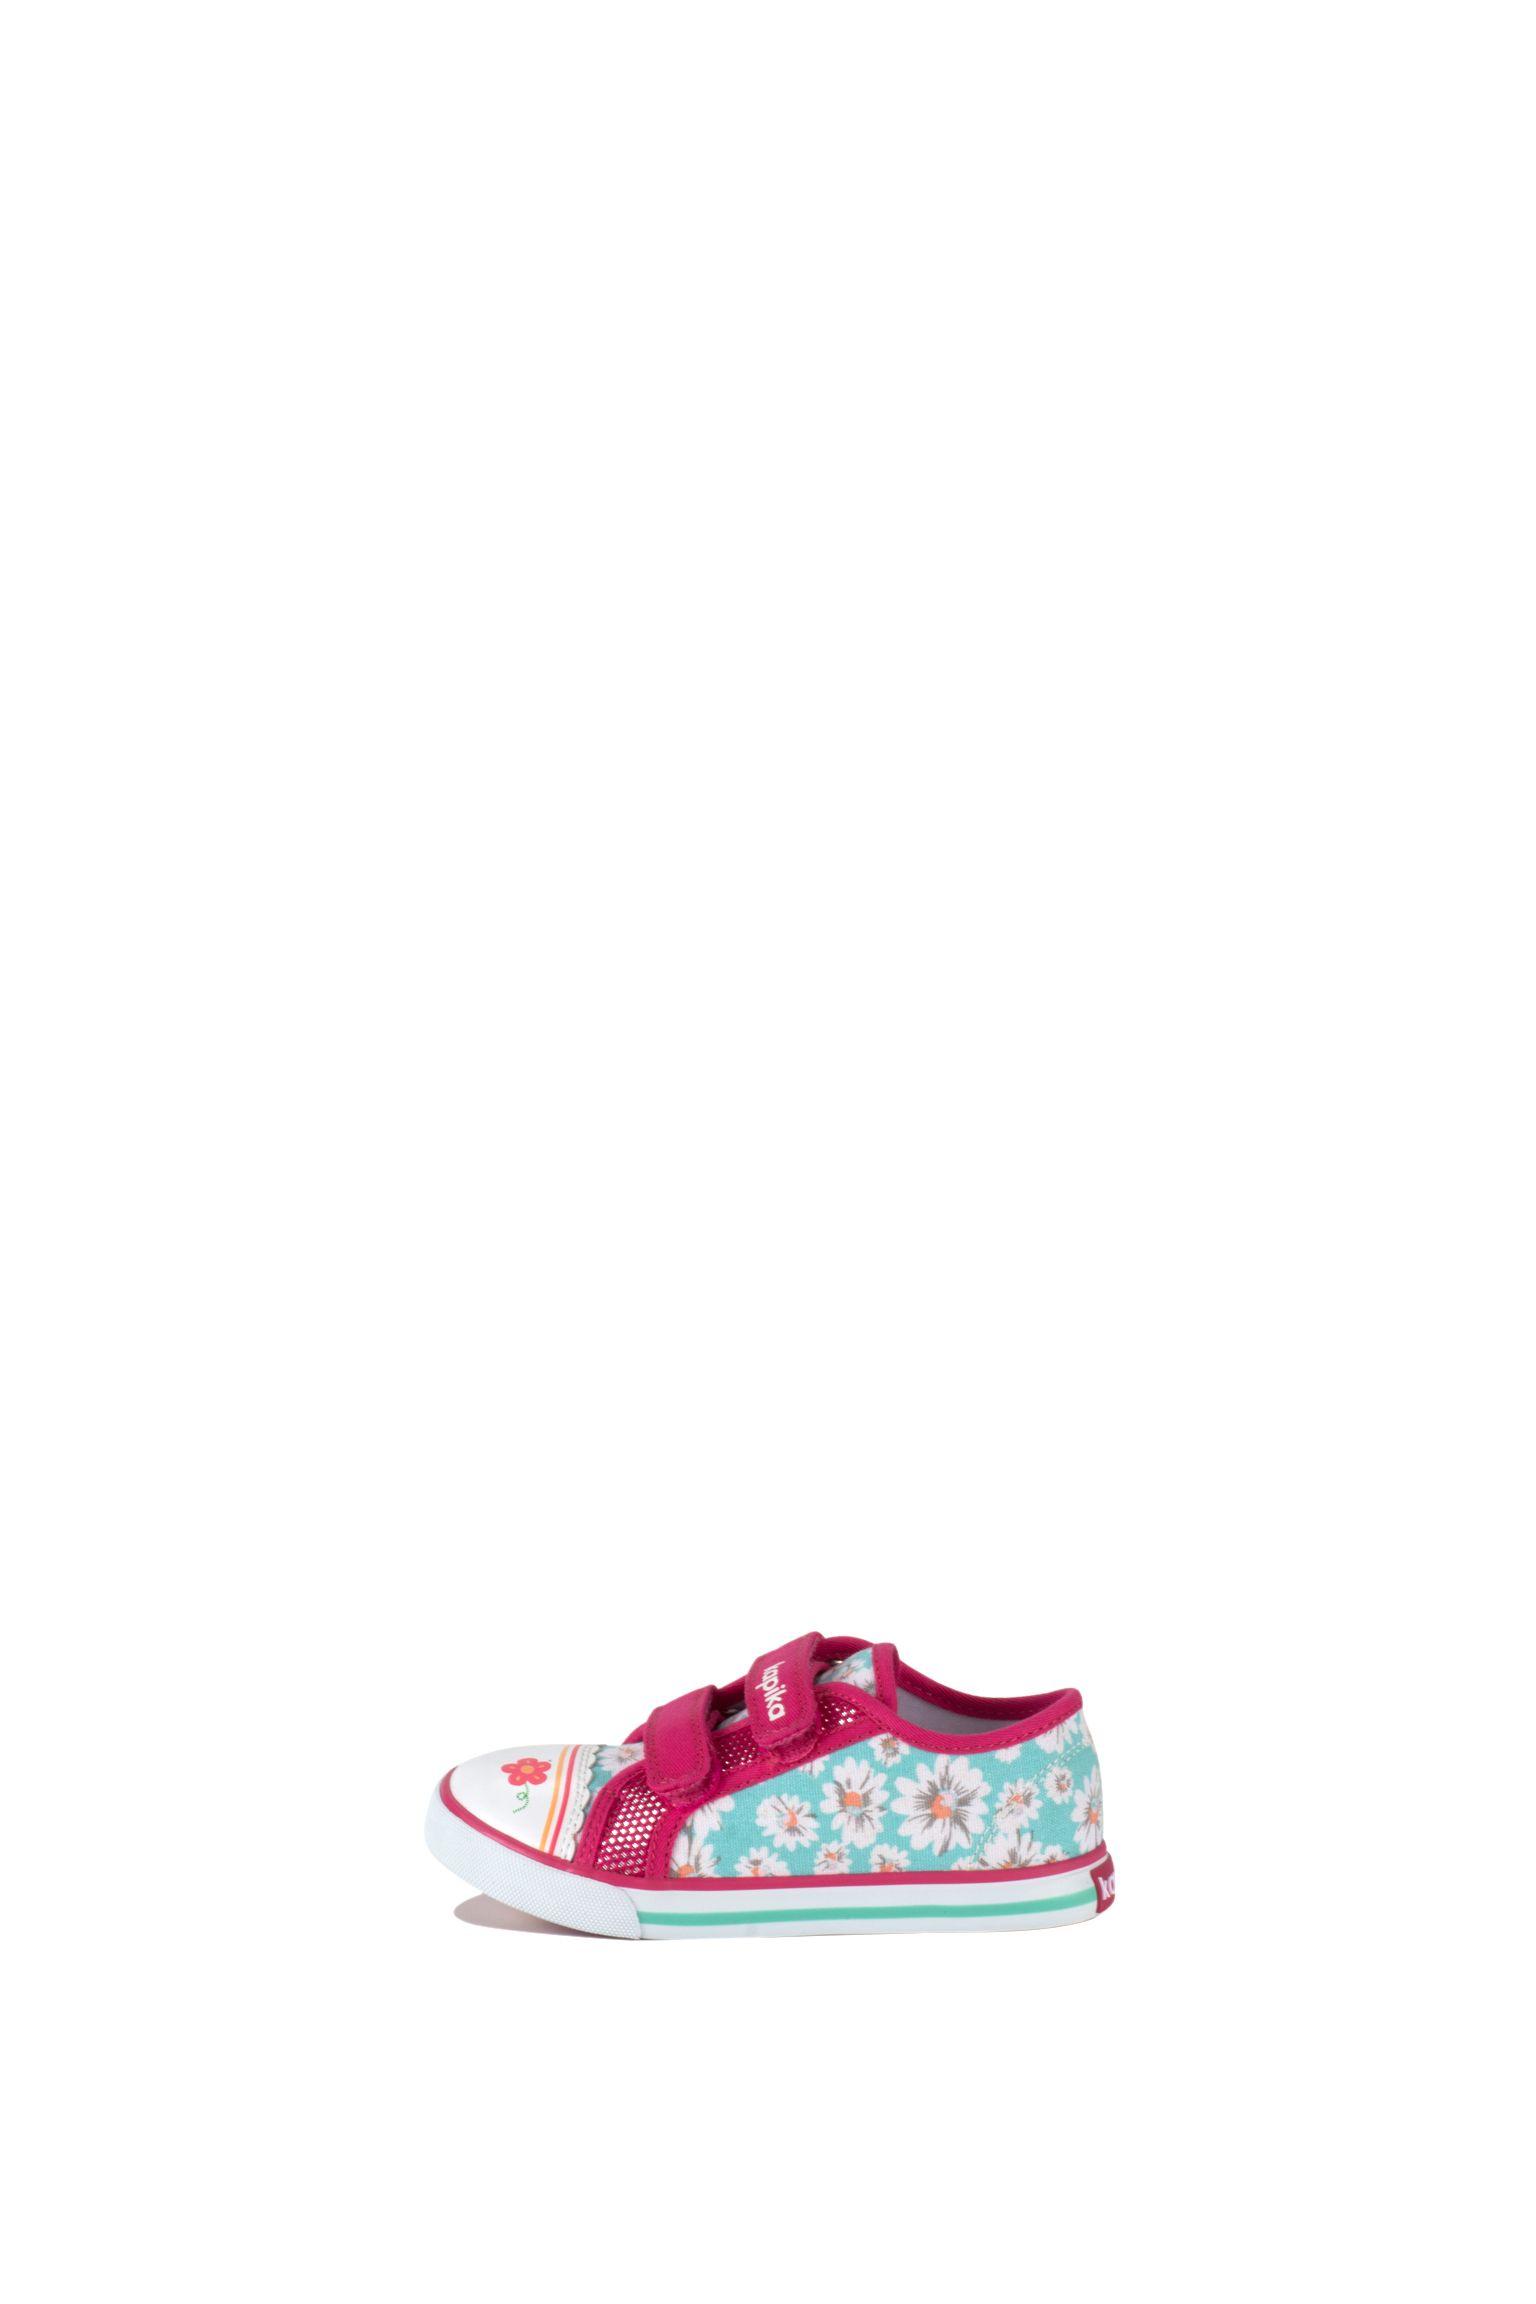 87a6547aa Купить Кеды детские Kapika 72203-3 (23-28) в интернет-магазине Дом обуви